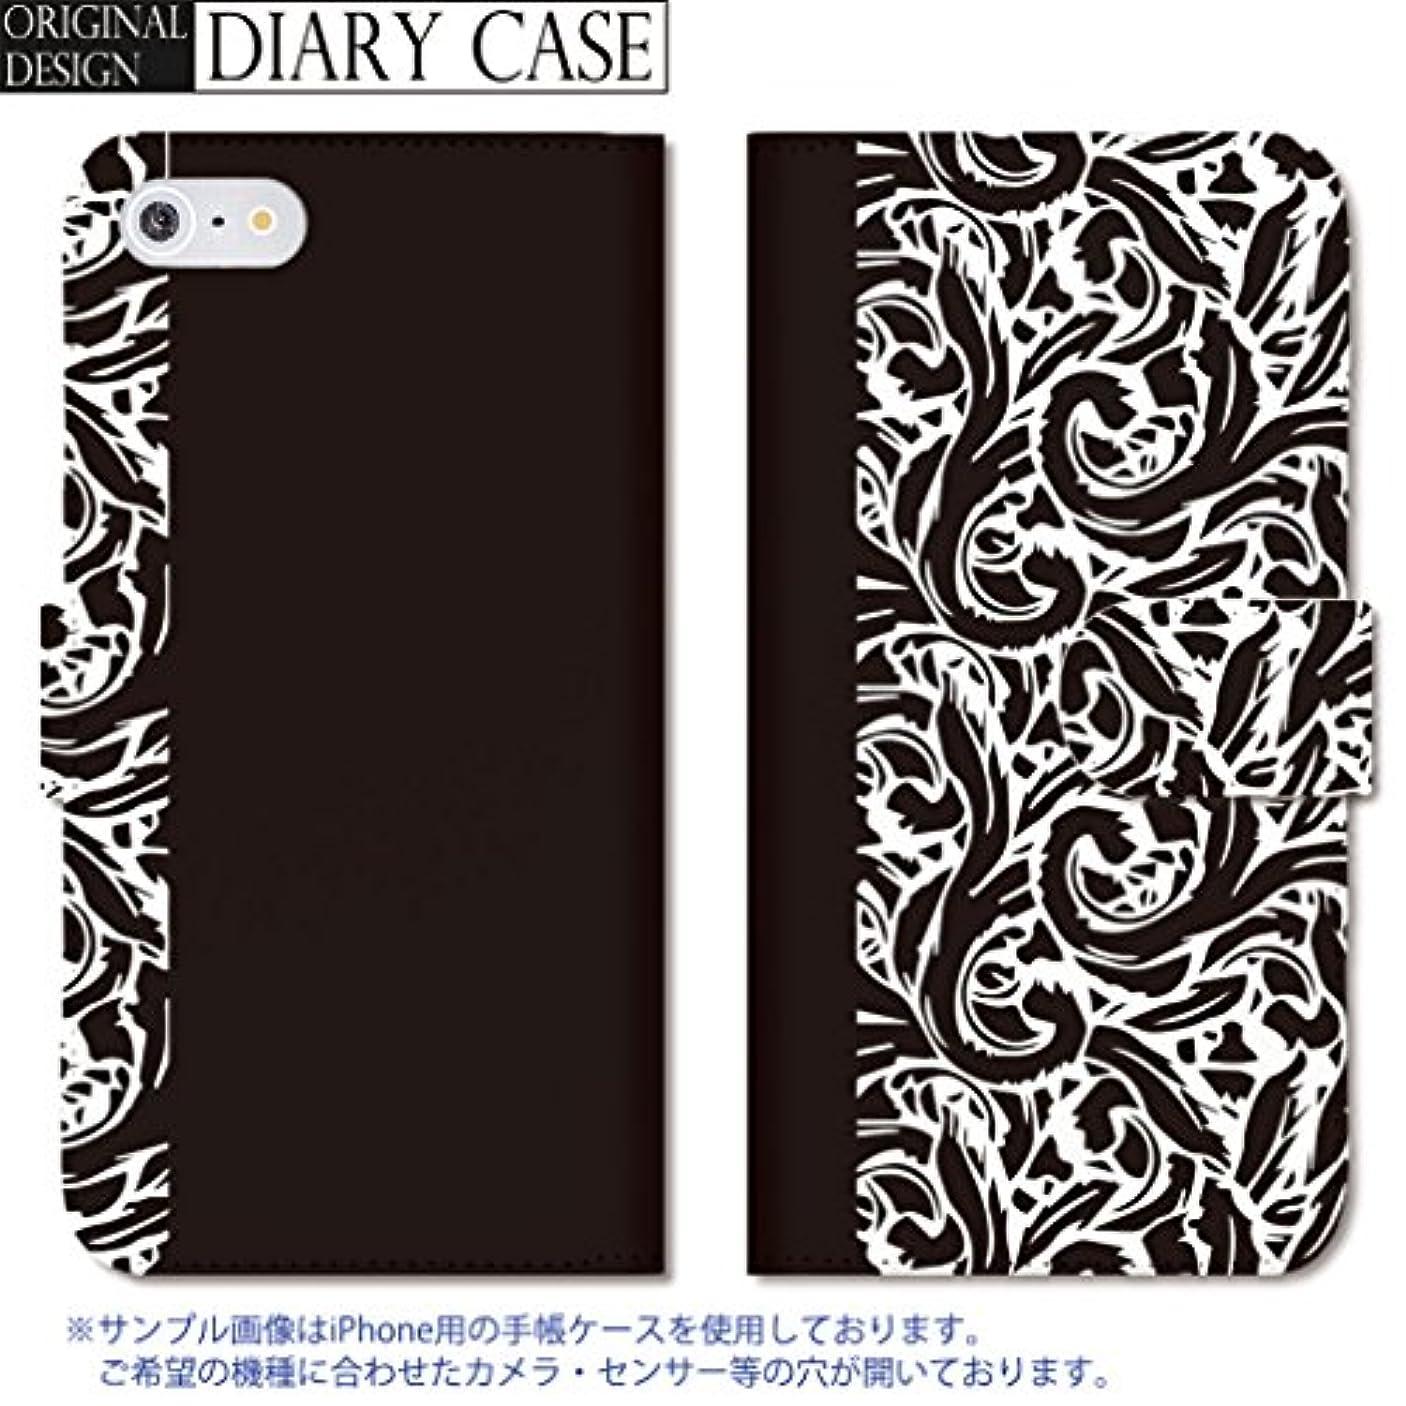 アラバマタクシーおなかがすいた301-sanmaruichi- Galaxy S6 edge ケース Galaxy S6 edge カバー ギャラクシー S6 edge ケース 手帳型 おしゃれ ボタニカル バイカラー シャーベット カラー A ブラック 手帳ケース SUMSUNG